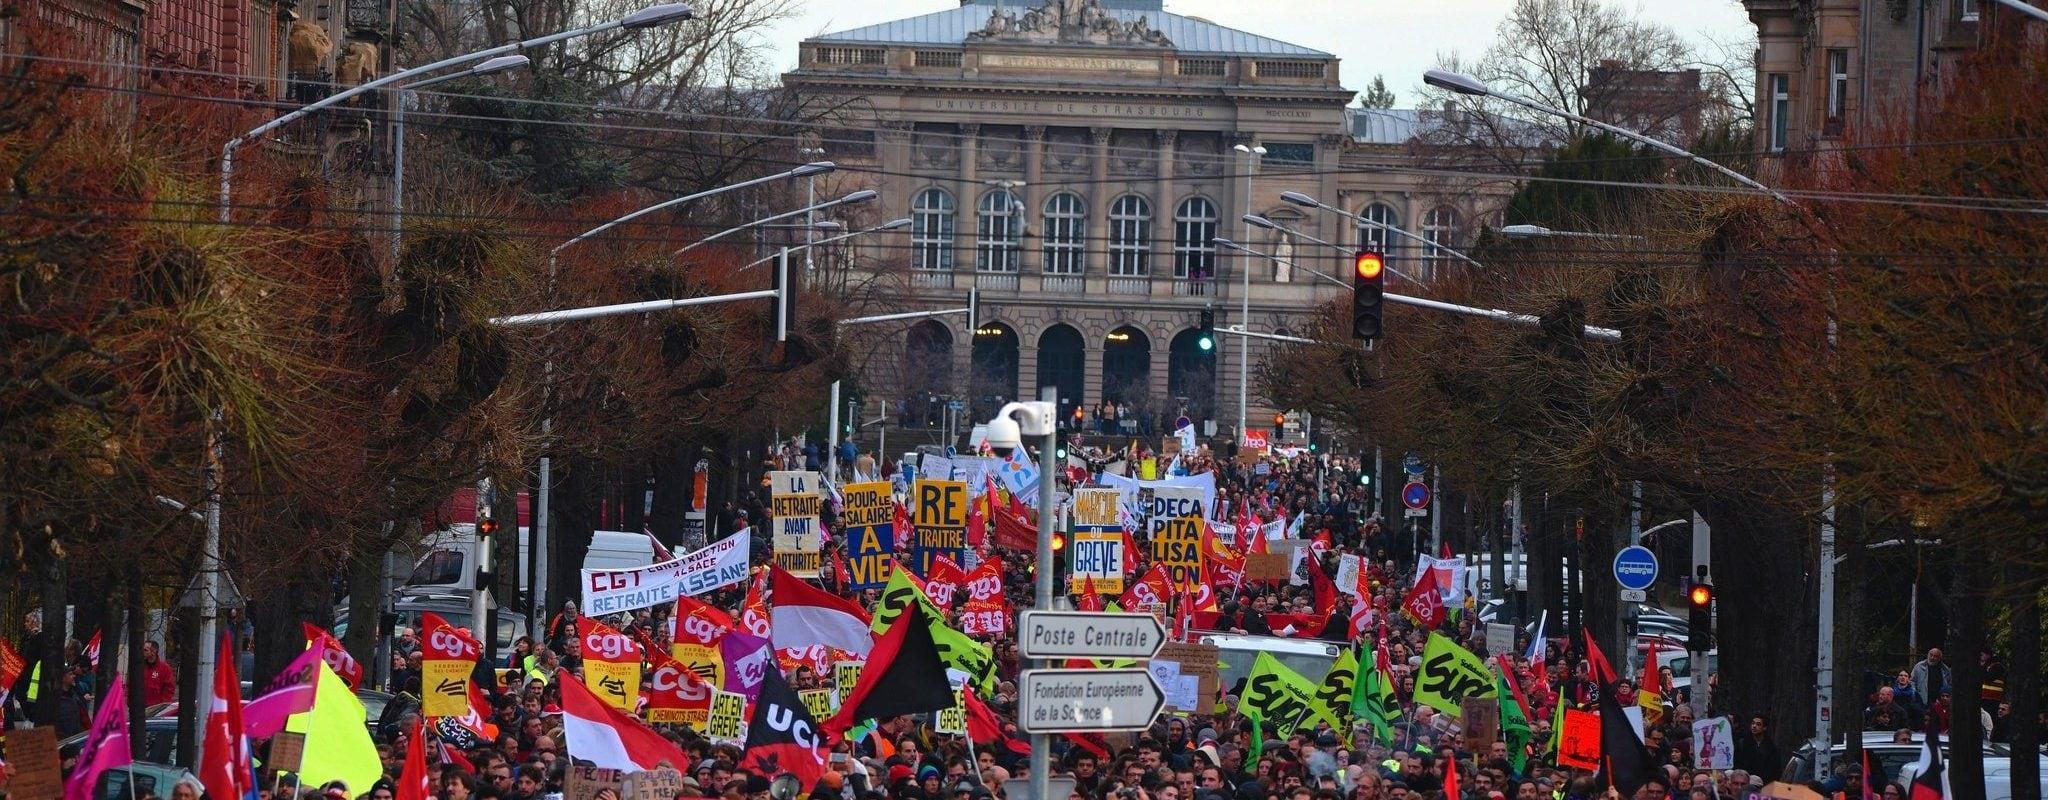 Cinquième mobilisation jeudi contre la réforme des retraites